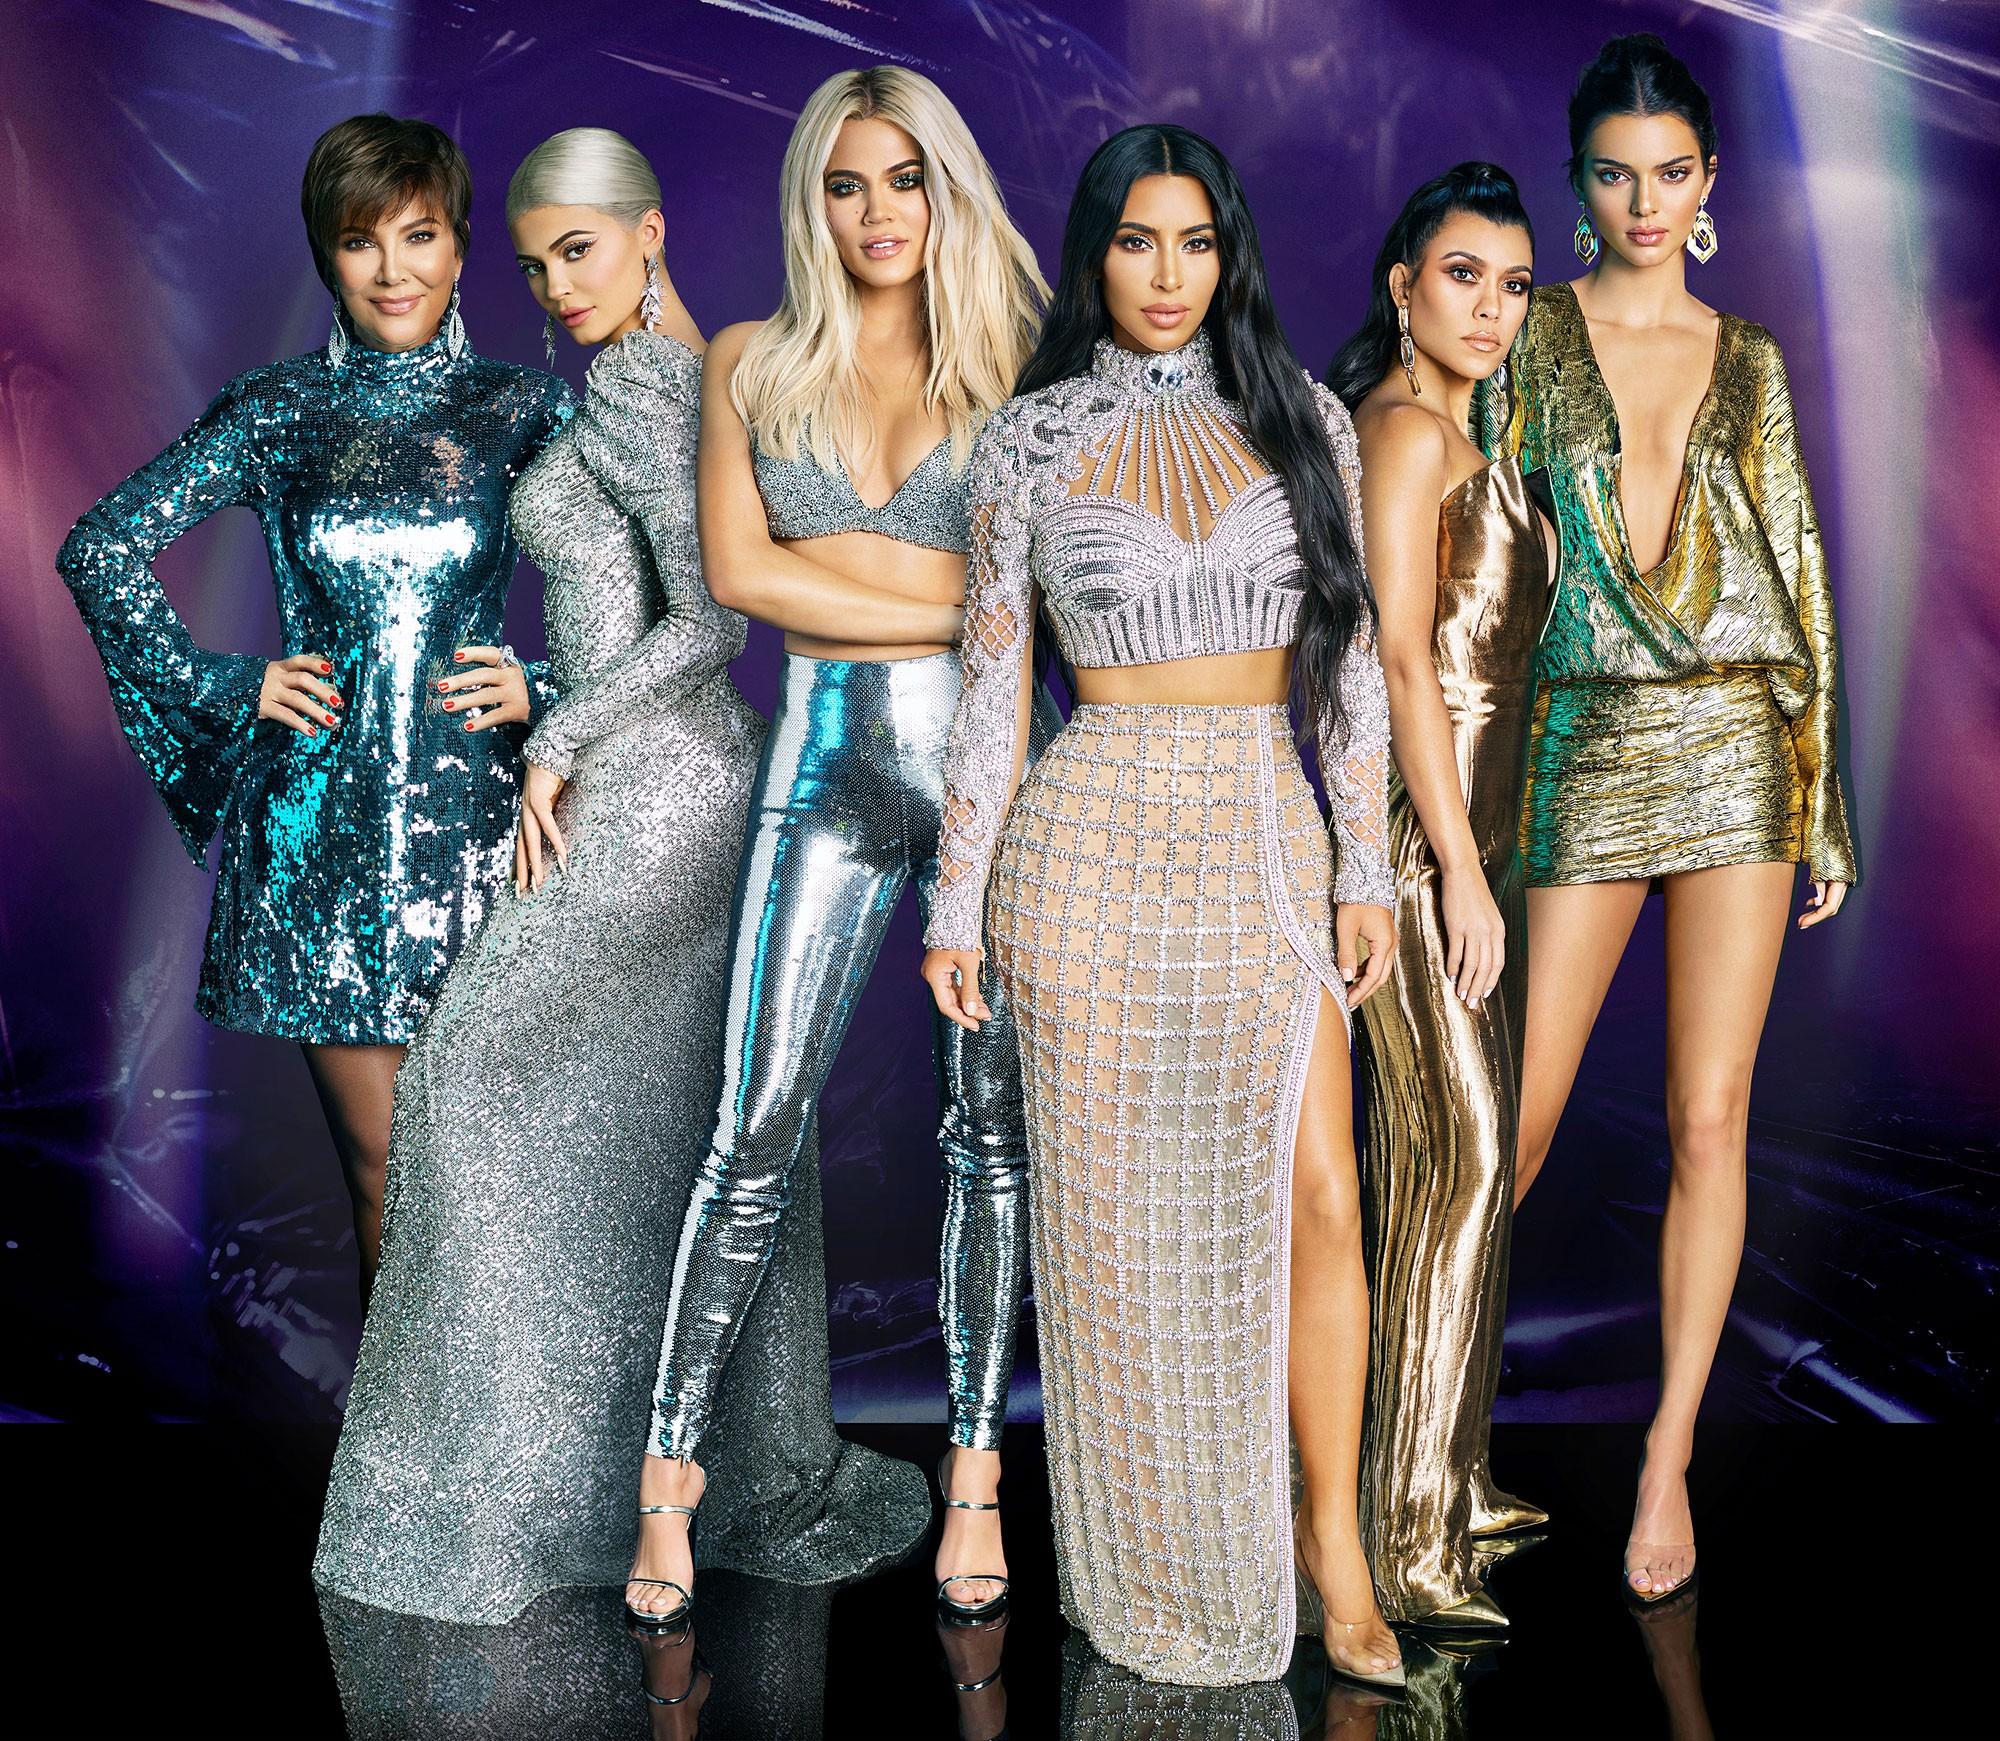 Kendall Jenner: Kẻ lạc loài nhà Kardashian đến mẫu 9x đắt giá nhất thế giới, cháu trai của Tổng thống Mỹ cũng phải mê - Ảnh 7.